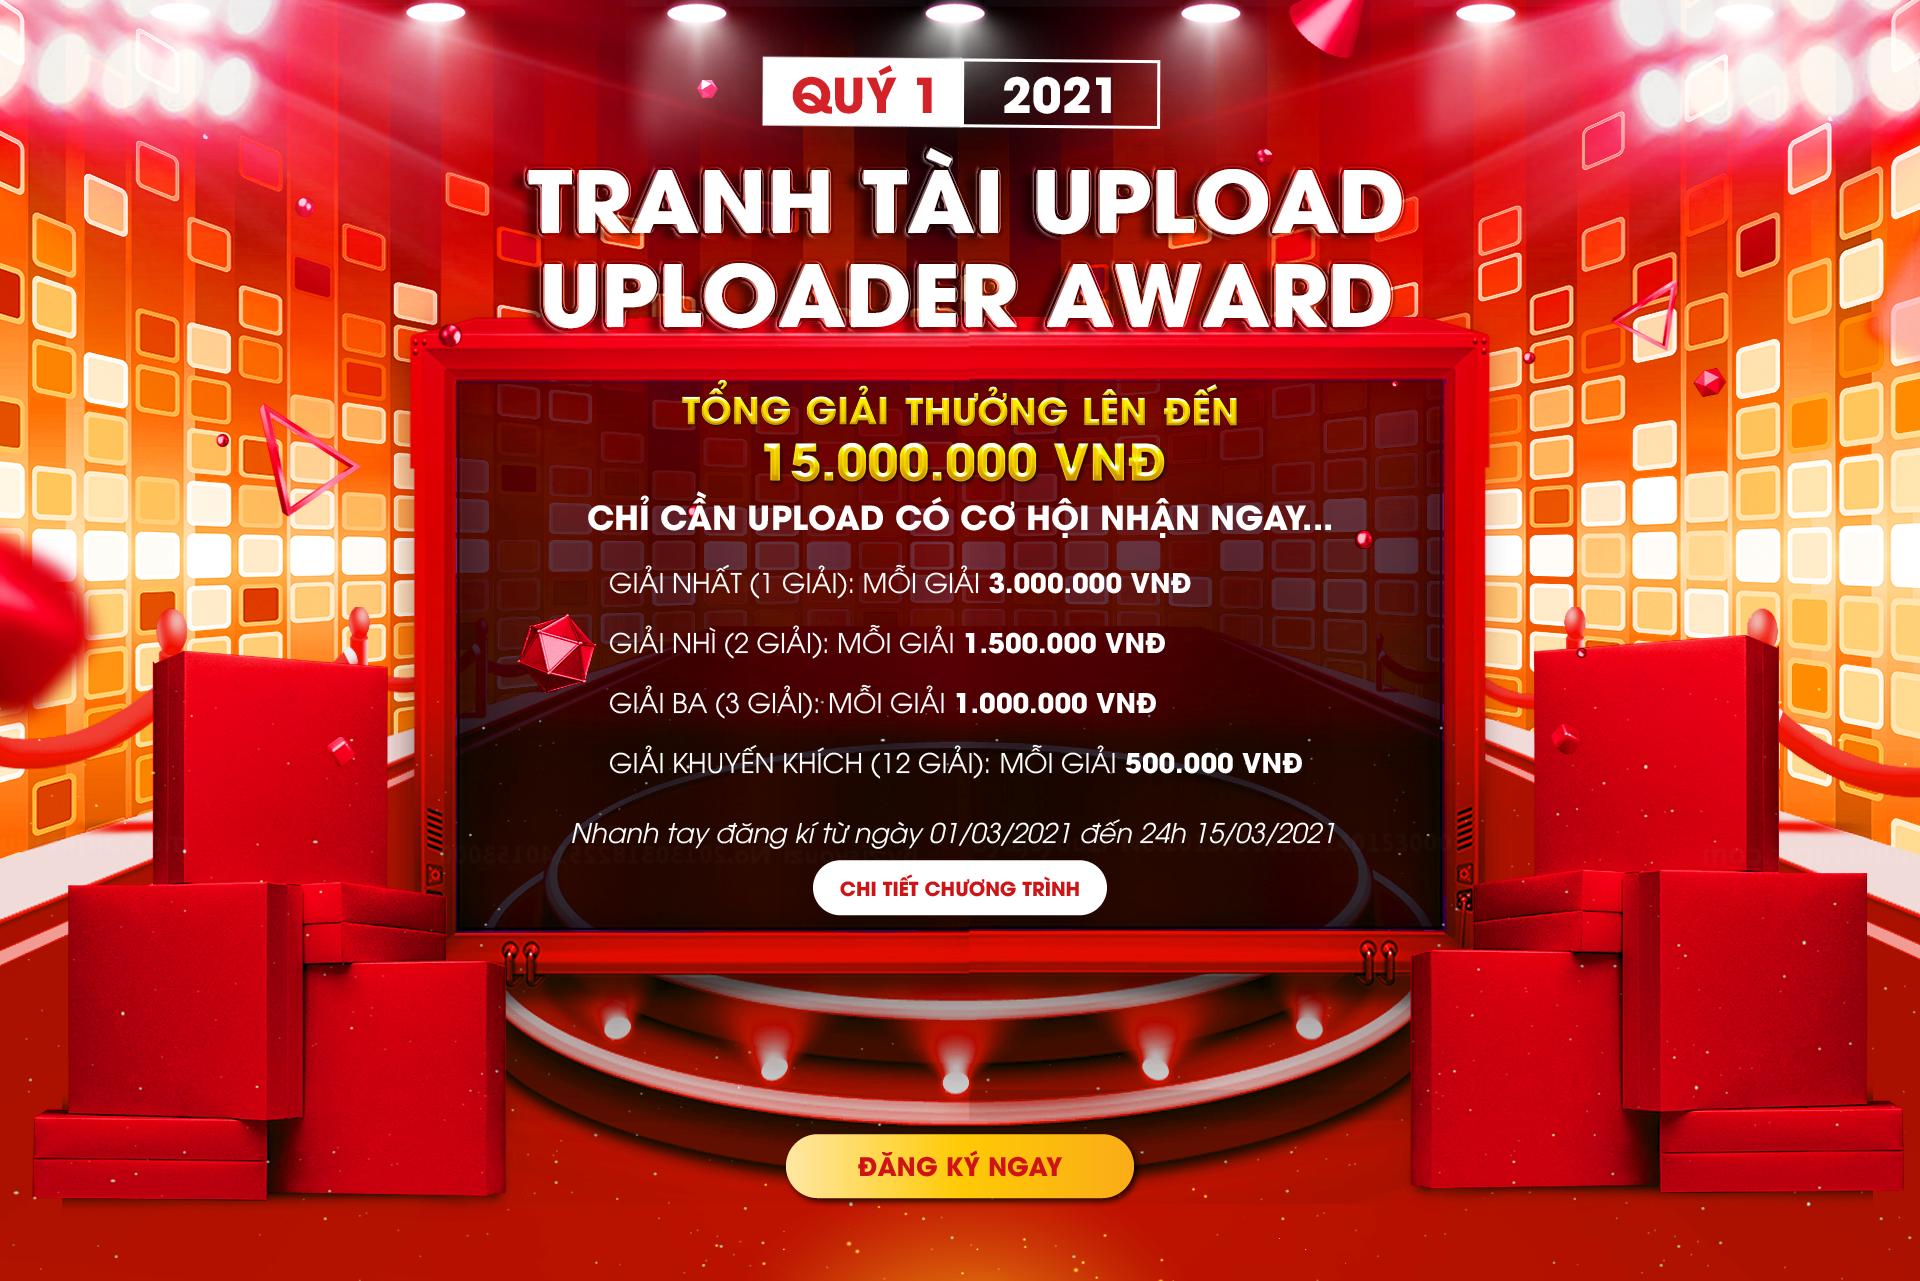 Cuộc thi UPLOAD QUÝ 1 – Cao thủ uploader tranh tài giải thưởng 15.000.000VNĐ